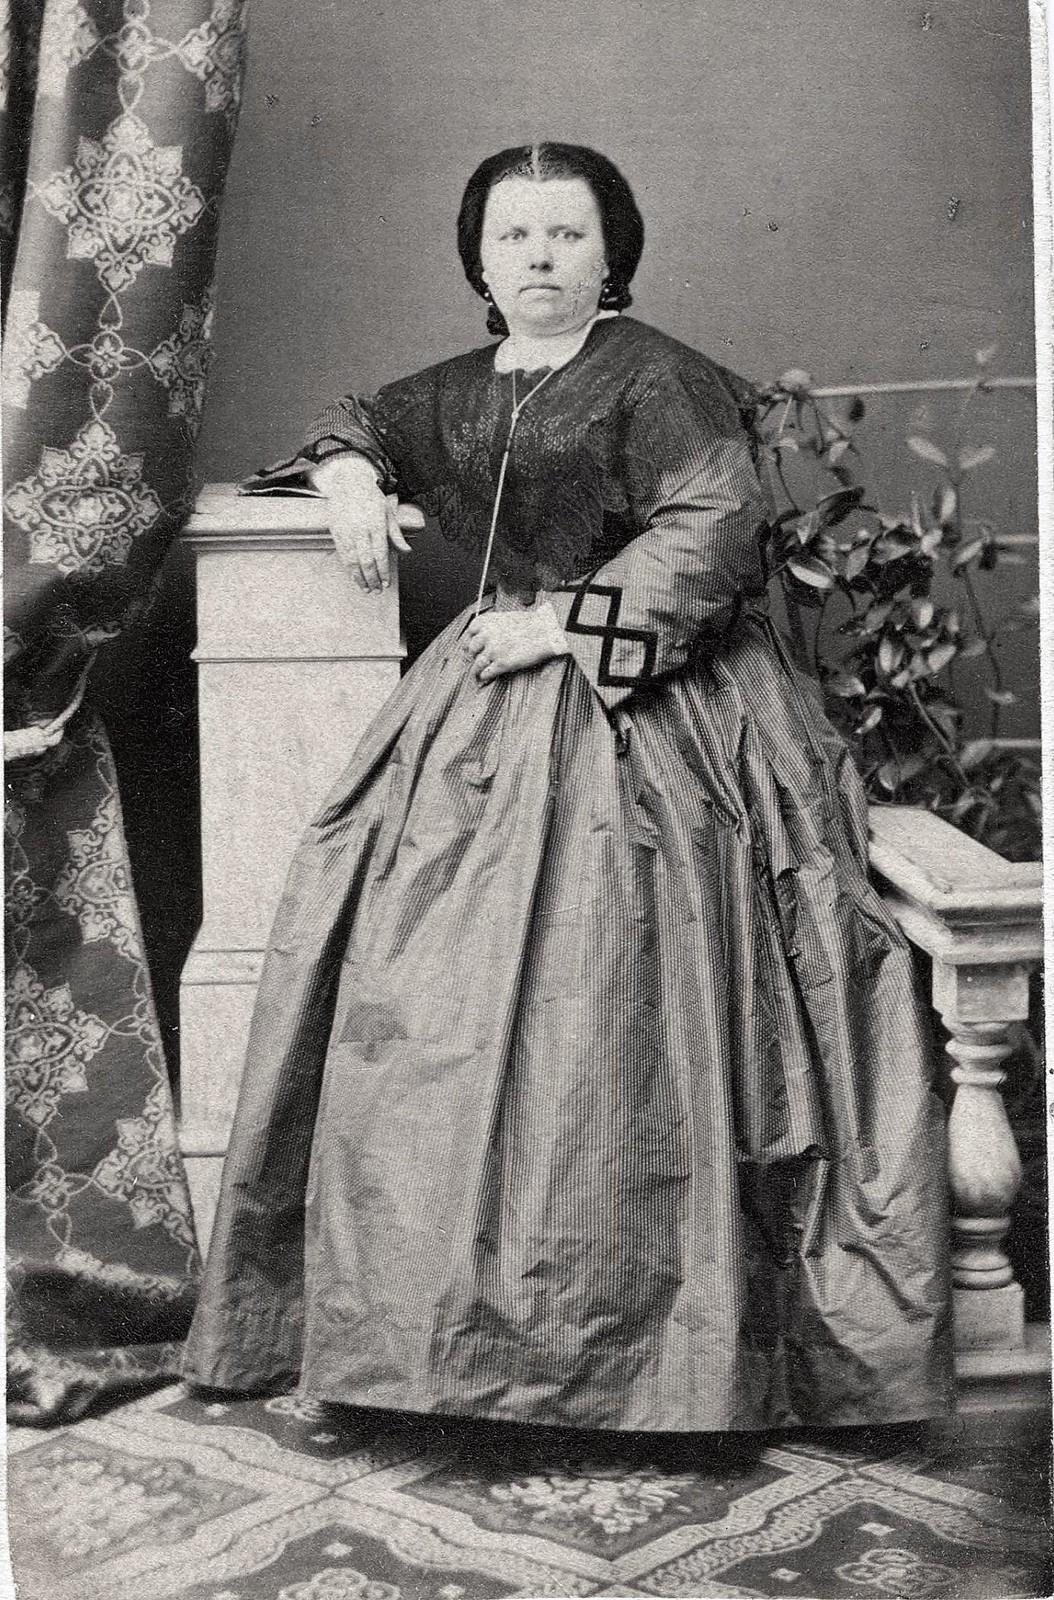 Светланова Мария Ивановна, жена купца А.А. Светланова. 1860